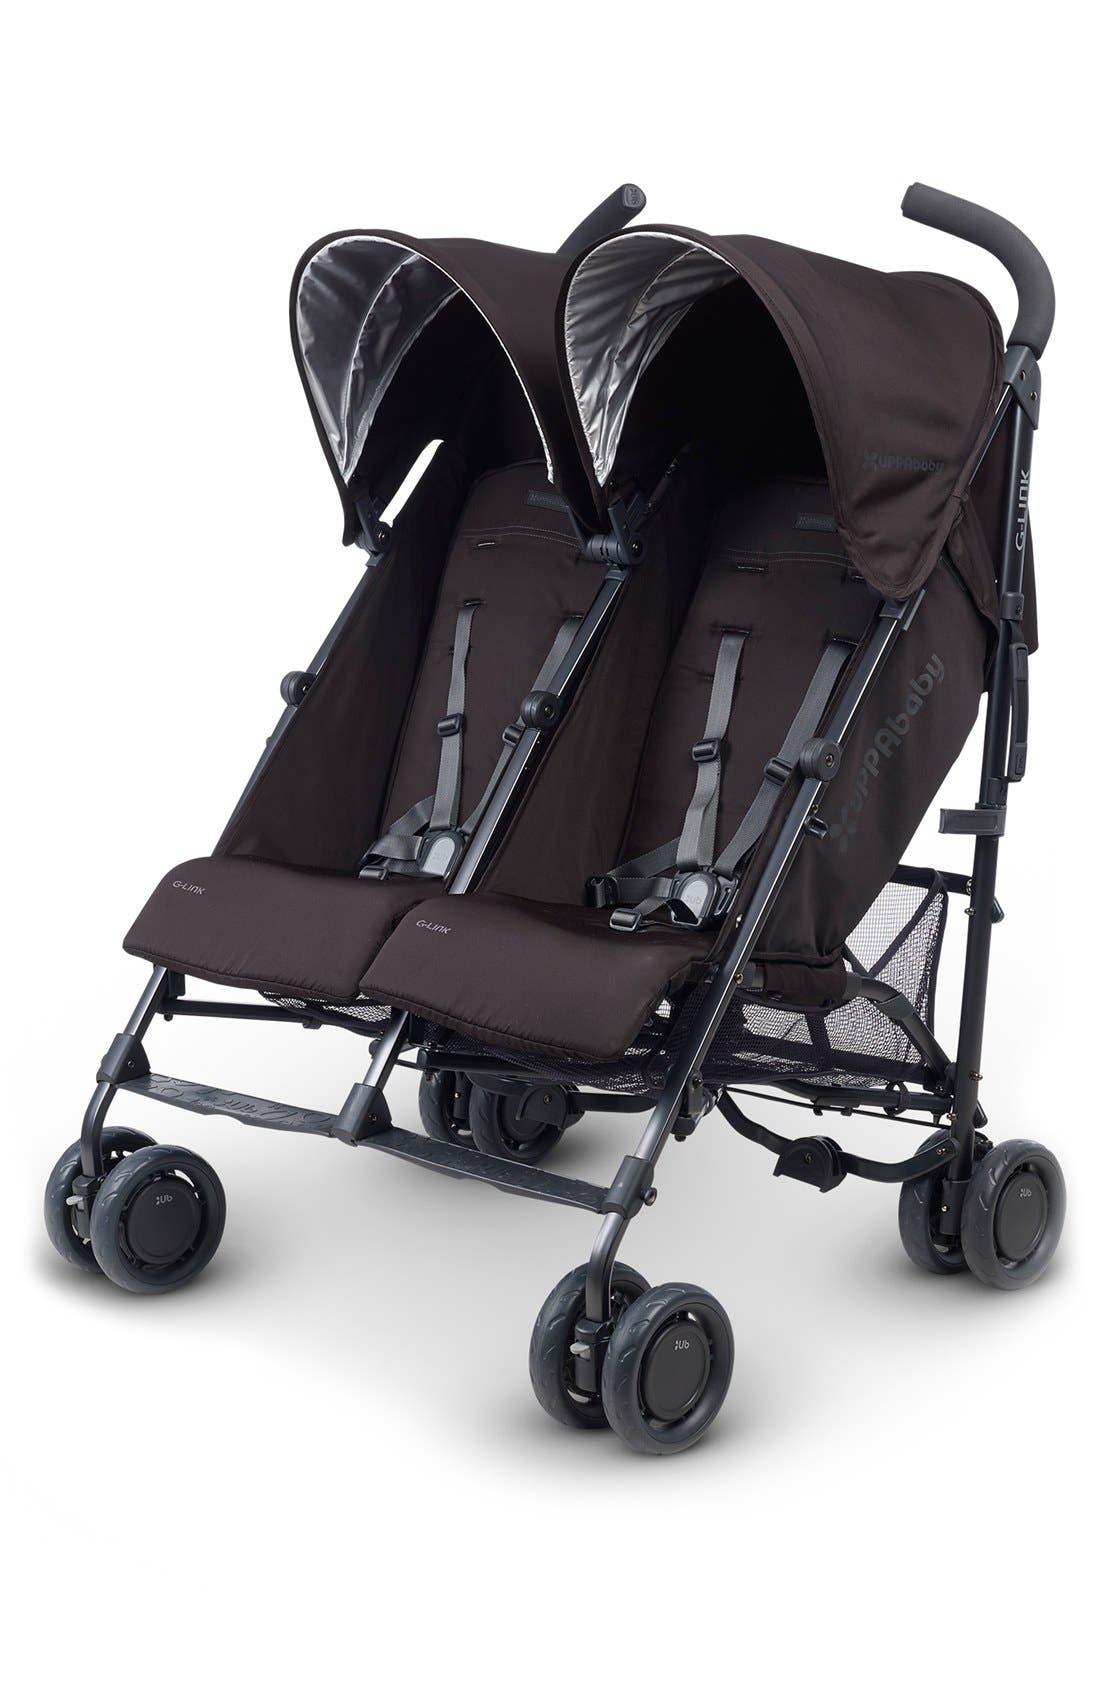 G-LINK Jake Aluminum Frame Reclining Side by Side Umbrella Stroller,                         Main,                         color, black